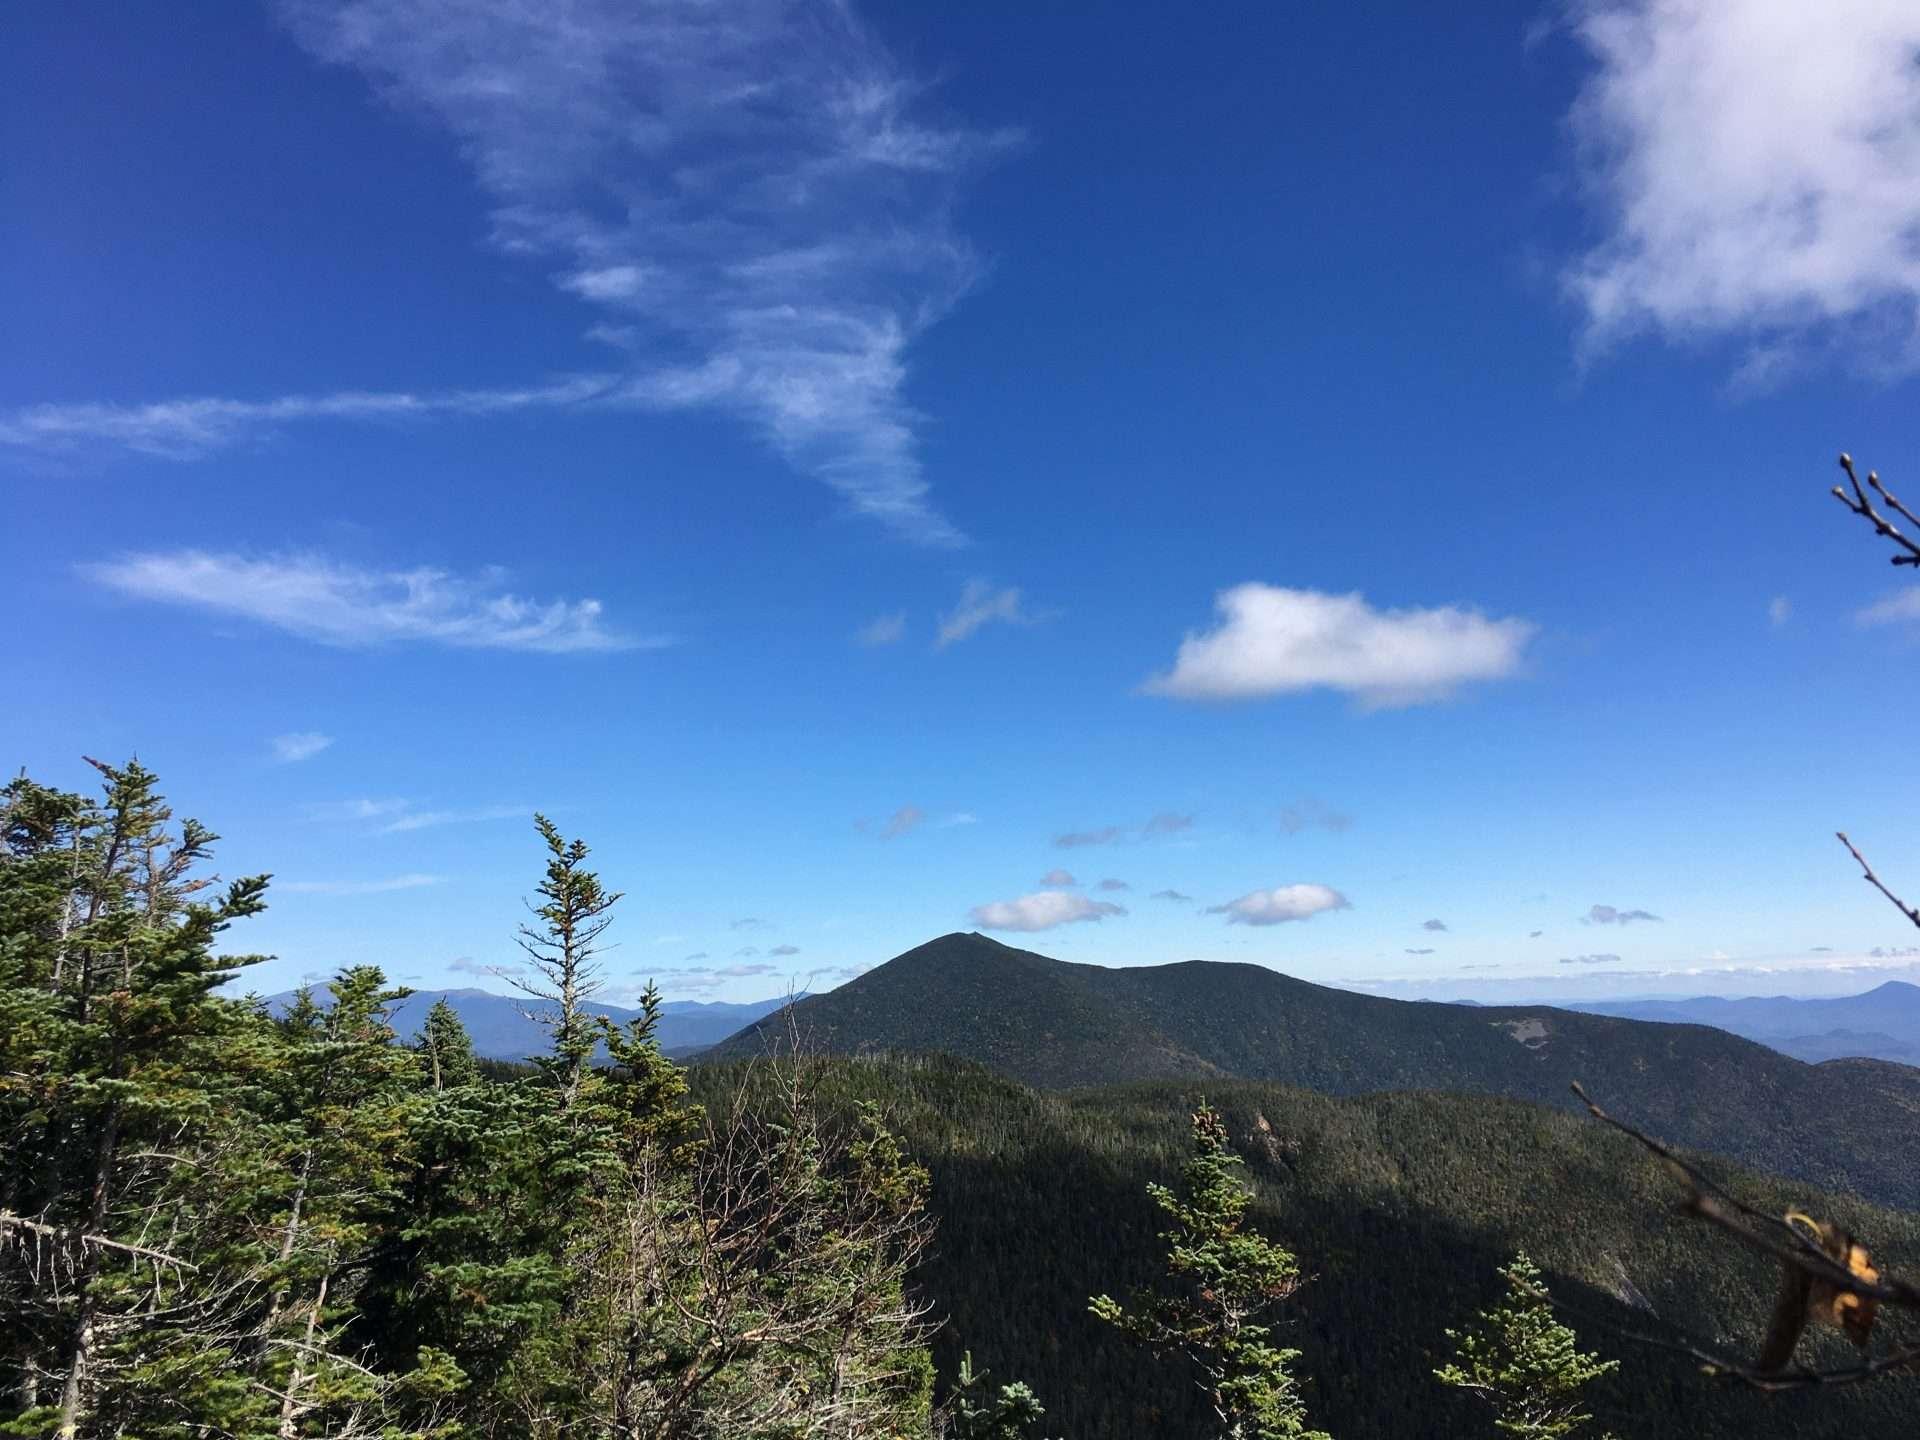 Mt.-Carrigain-from-S.-Hancock-overlook-0.jpg